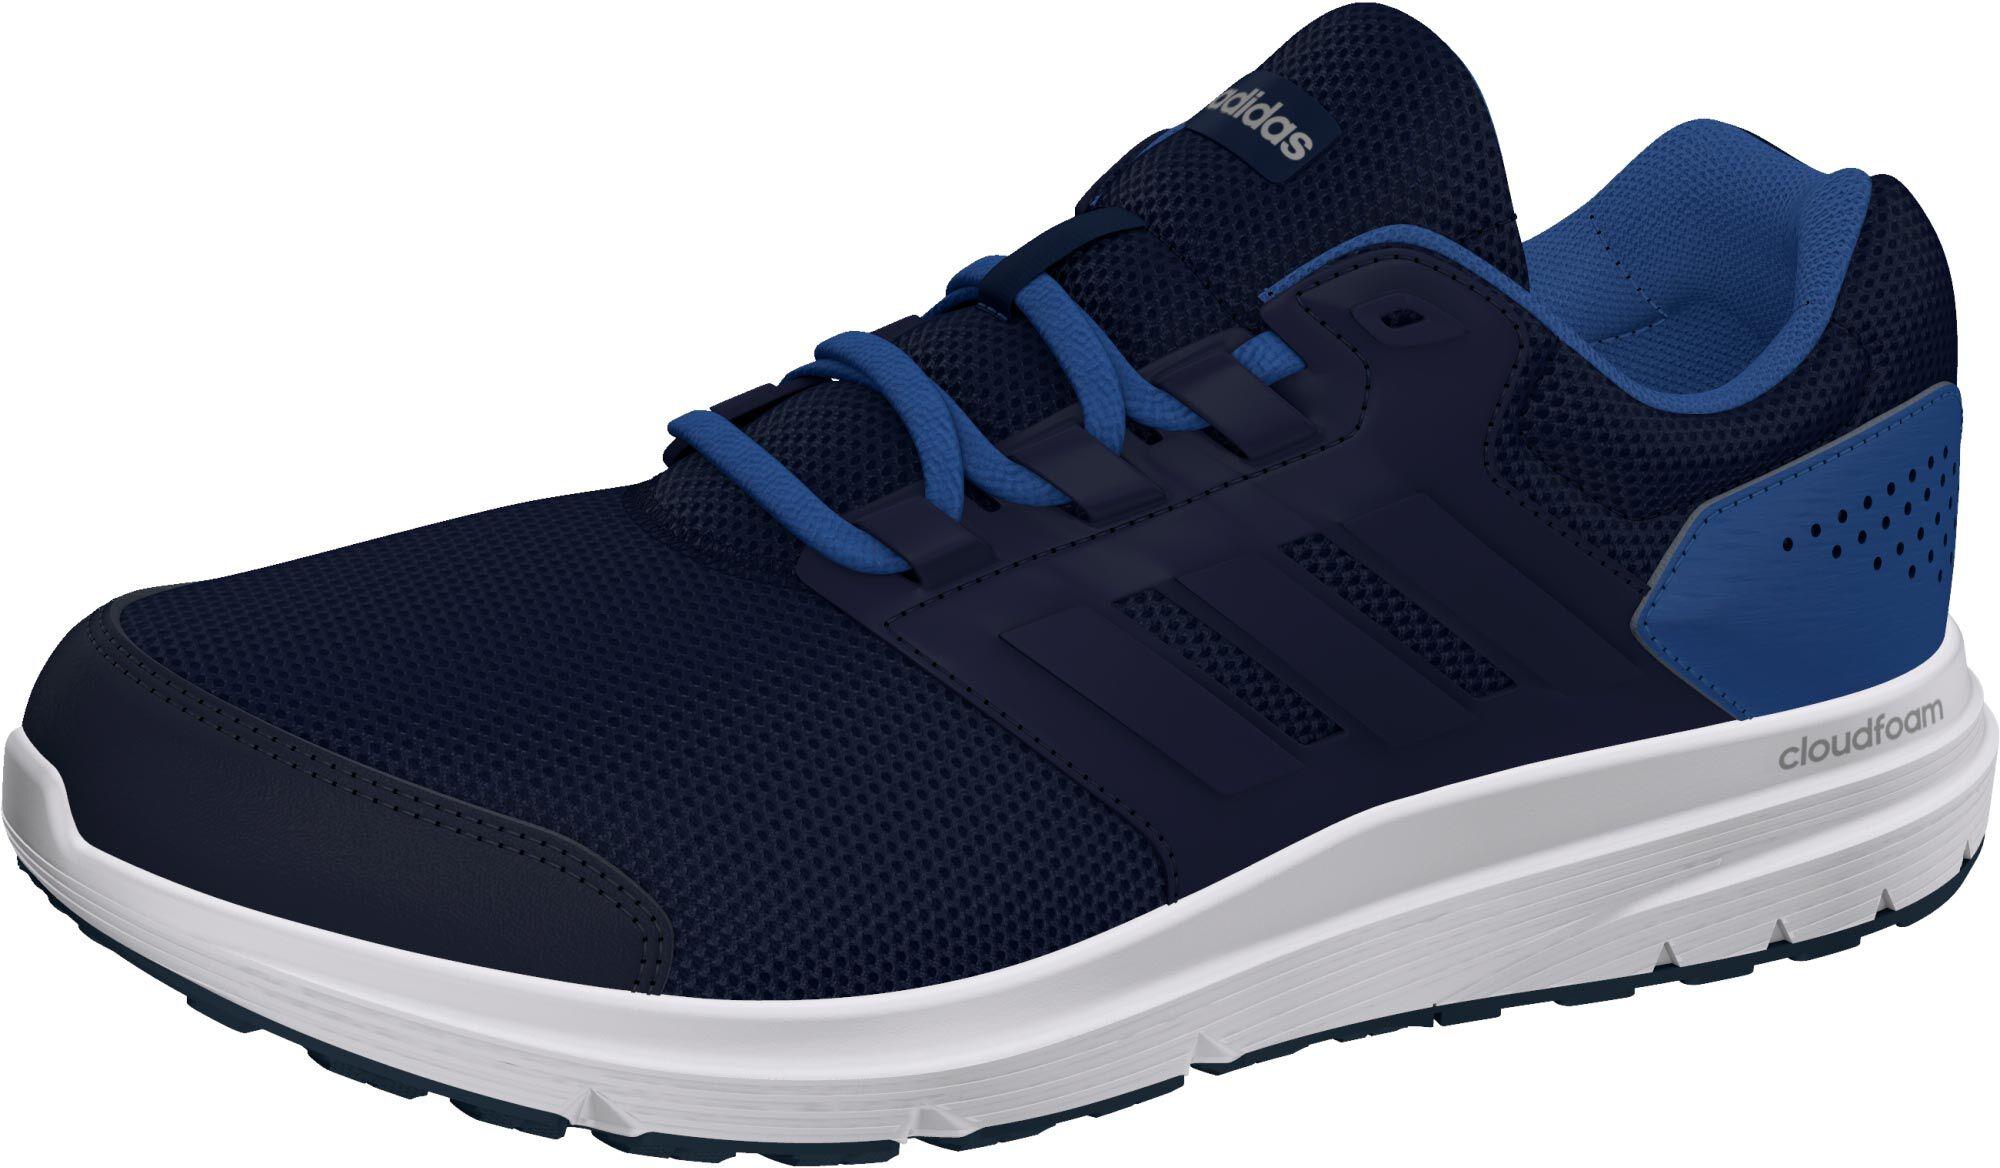 3df852d73ab 4 Zapatillas 99 Galaxy Hombre M Azul 44 455 Adidas 5xqAHIw7x